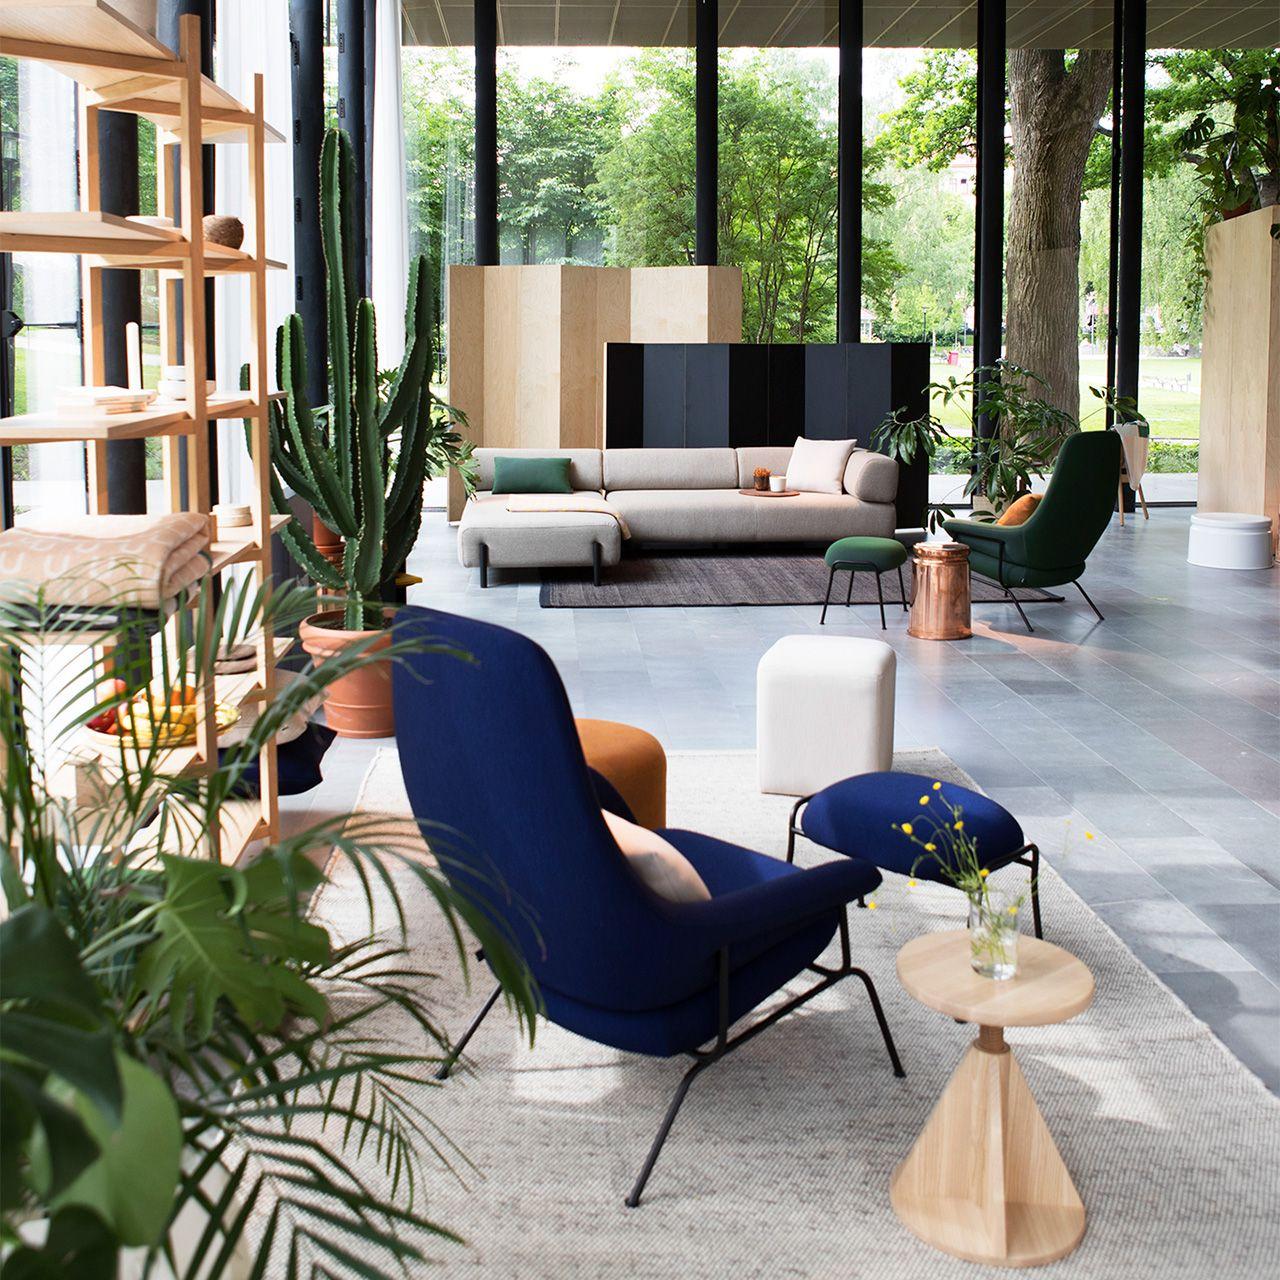 Online Design Store Hem Opens Stockholm Showroom With Images